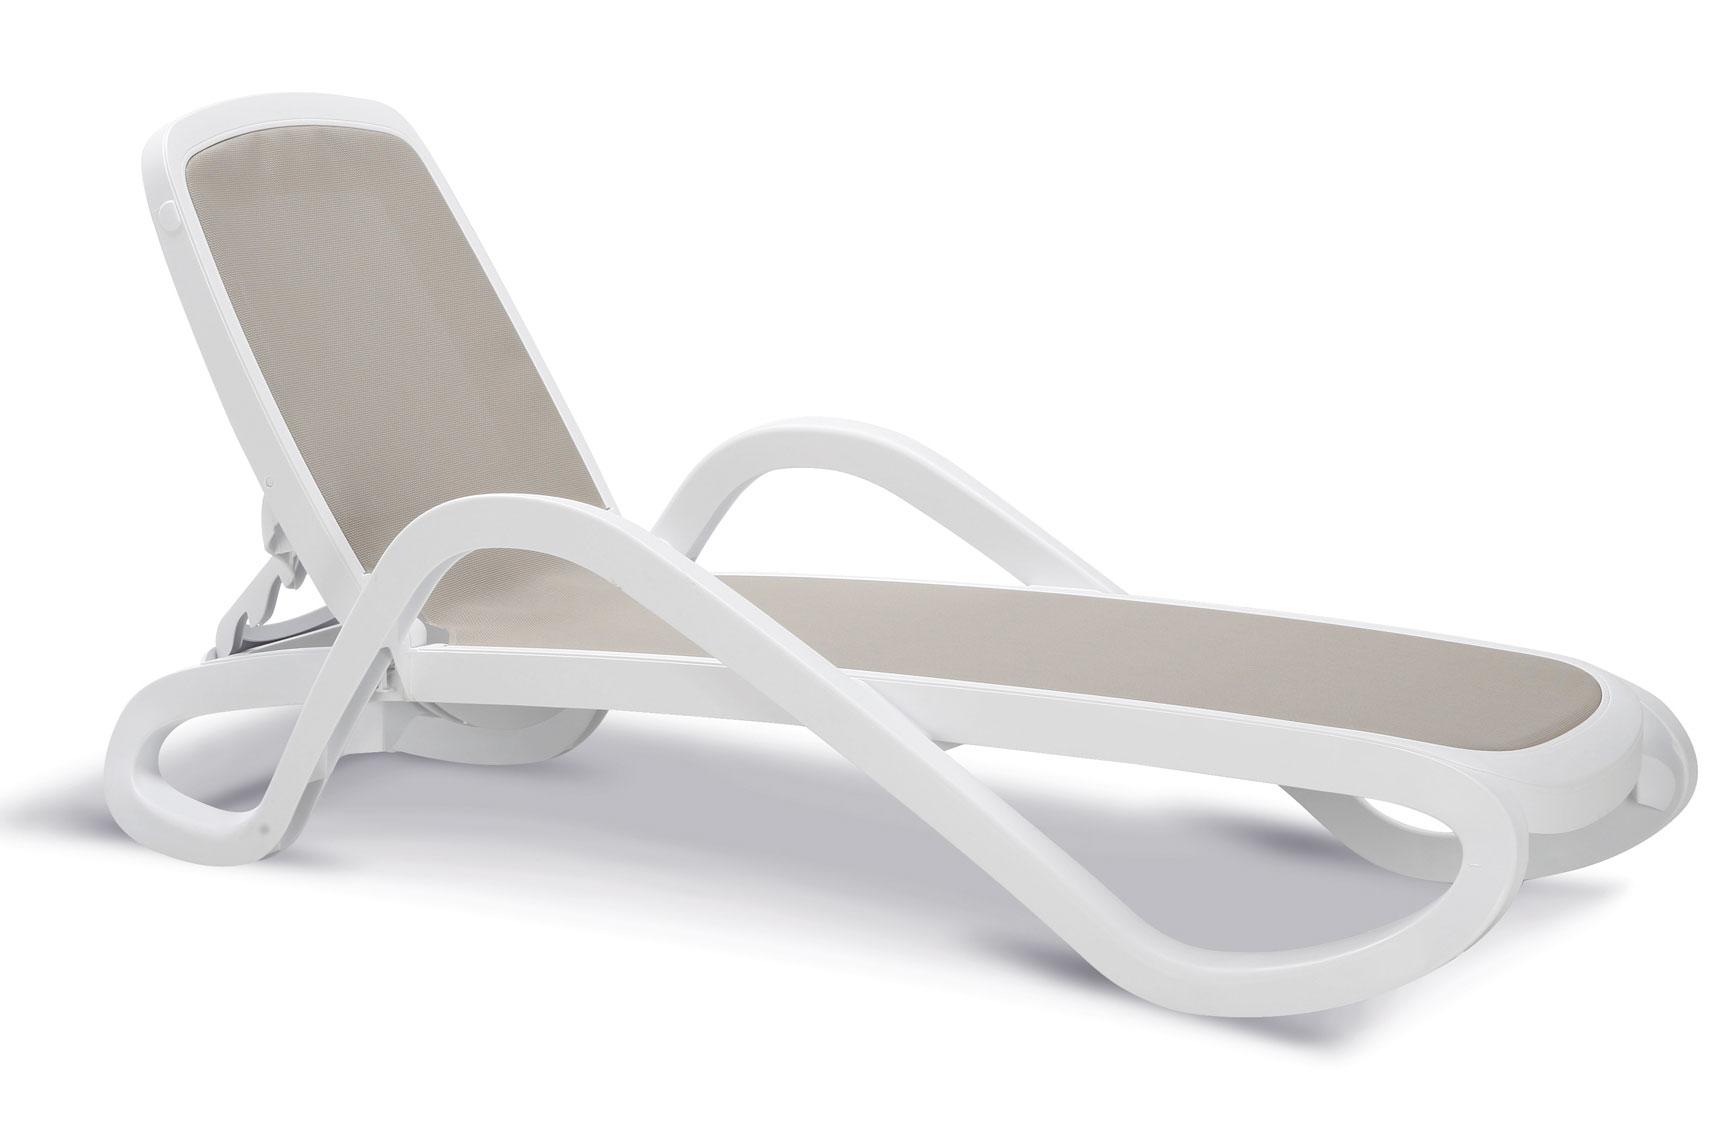 stapelliege b derliege relaxliege alfa wei grau bei. Black Bedroom Furniture Sets. Home Design Ideas